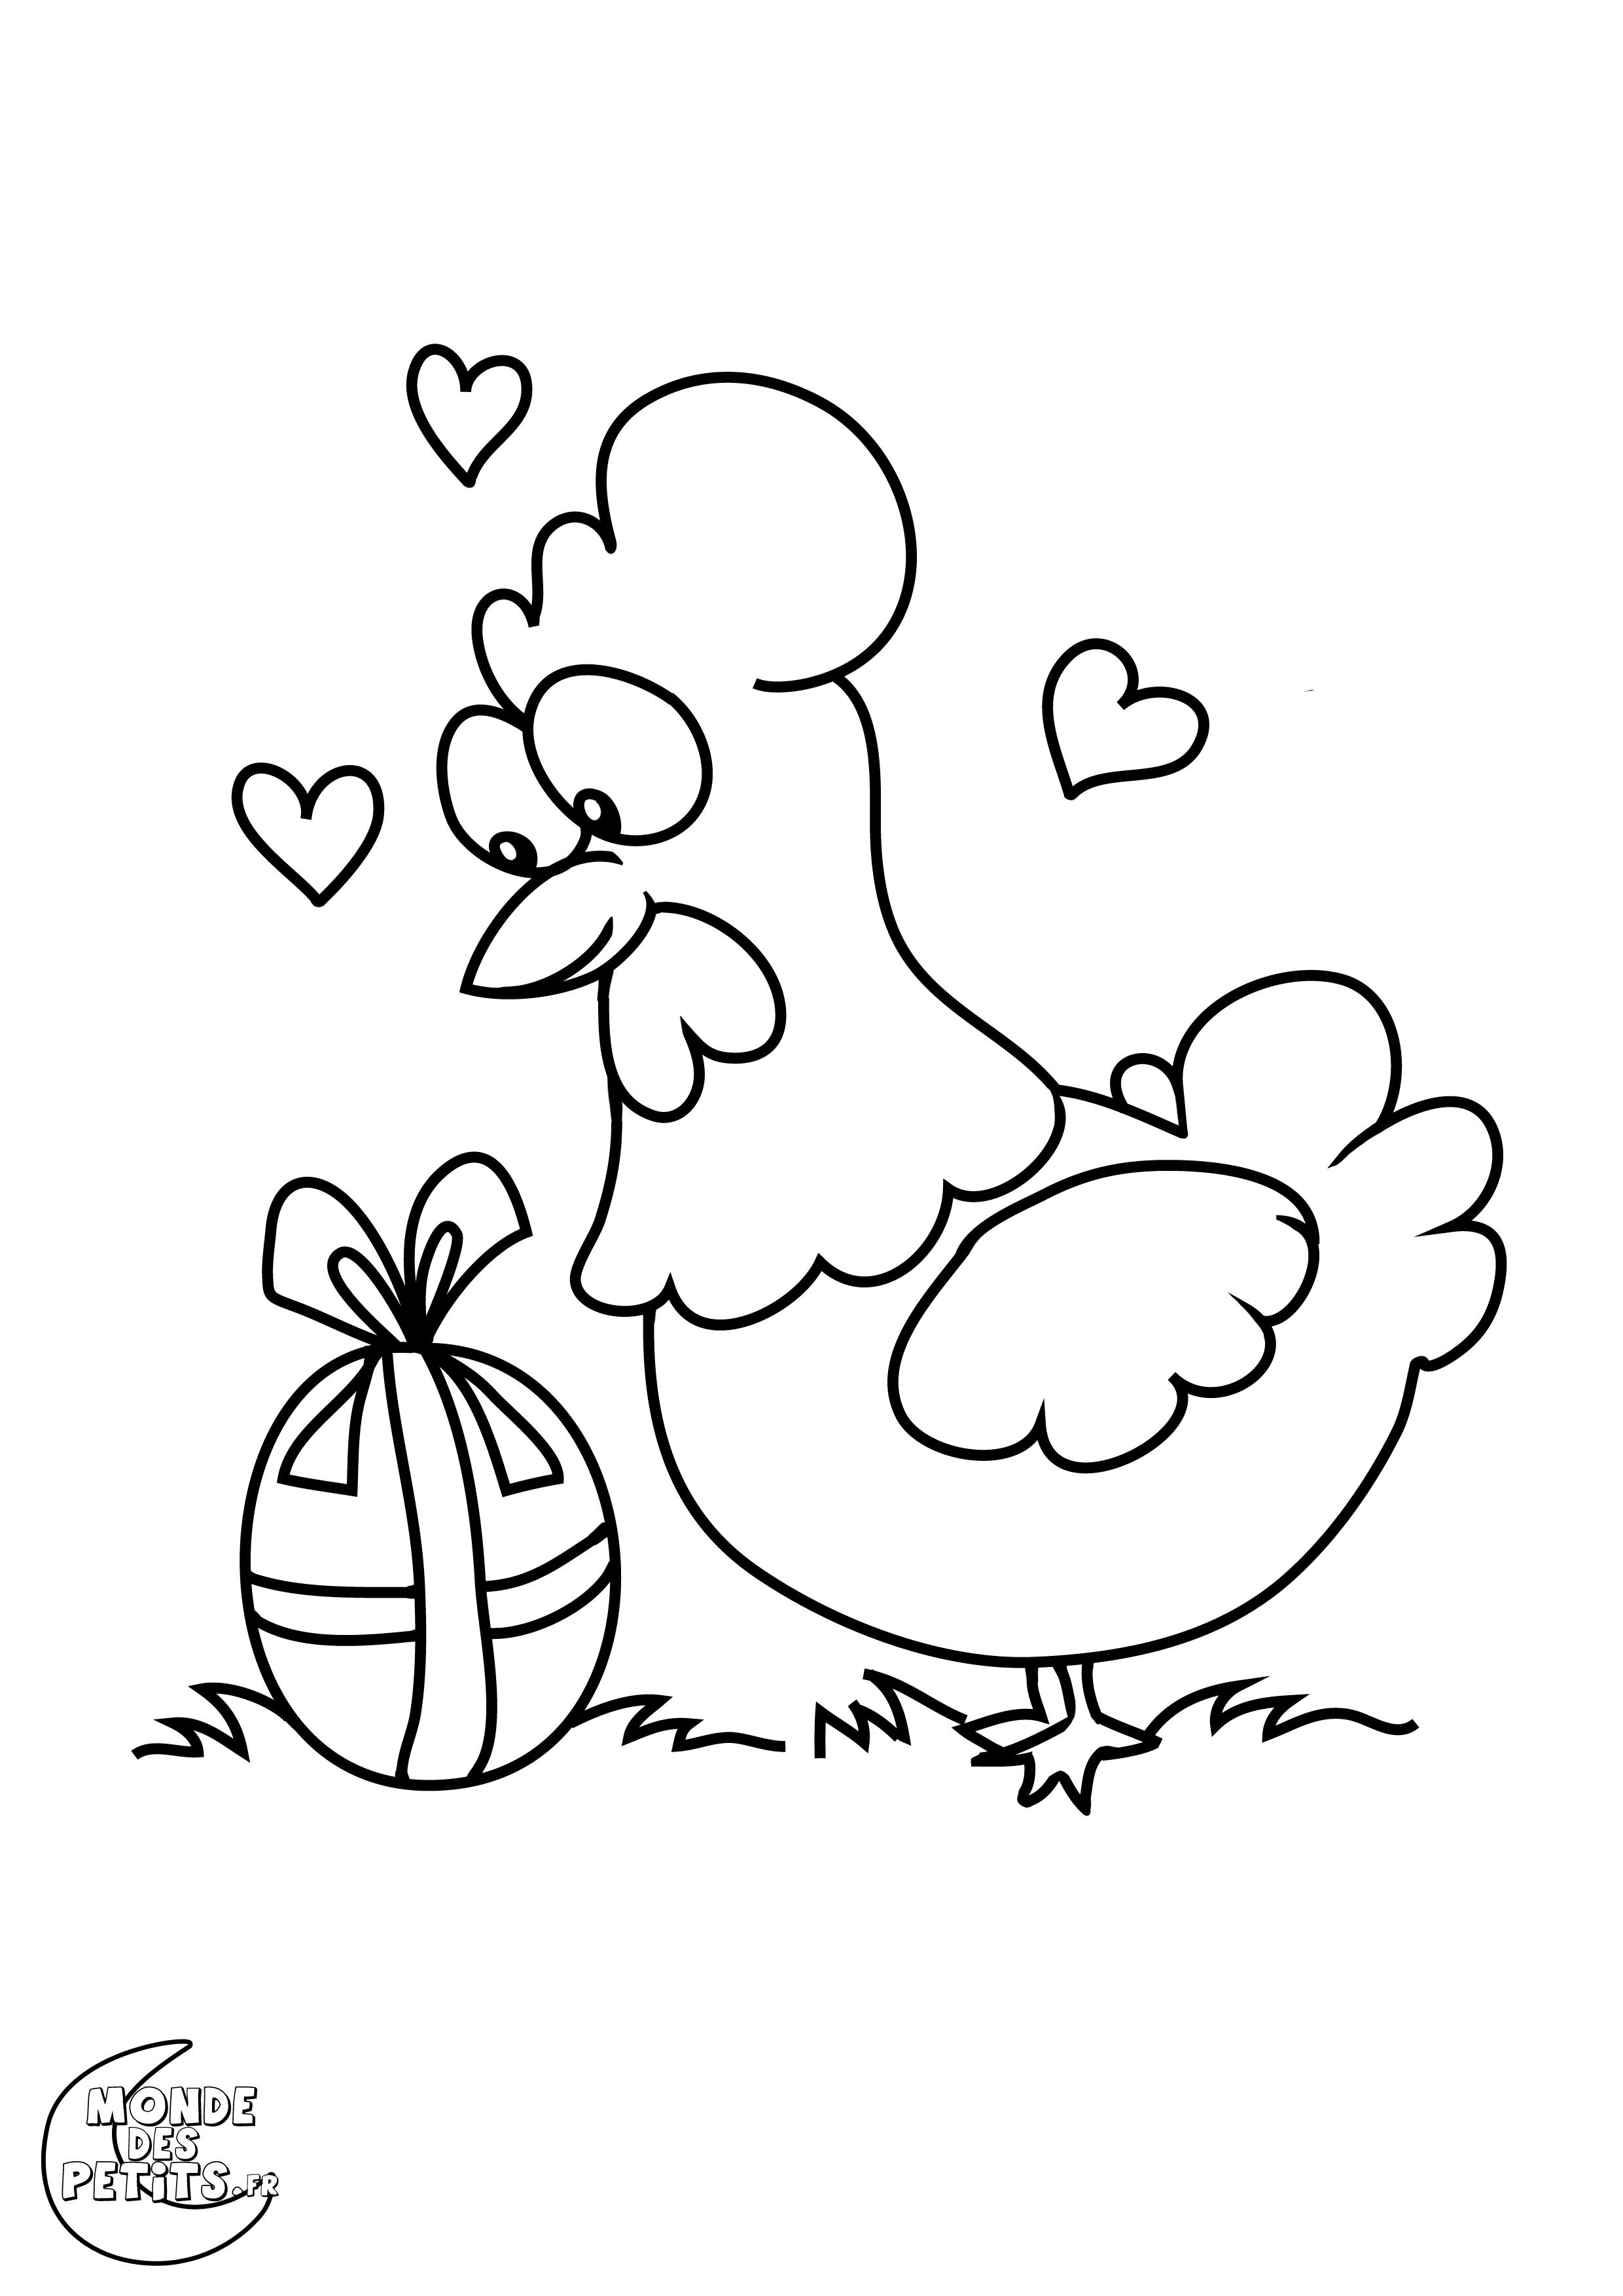 Meilleur De Coloriage Poule Et Poussin A Imprimer | Haut dedans Coloriage À Imprimer Joyeuses Pâques